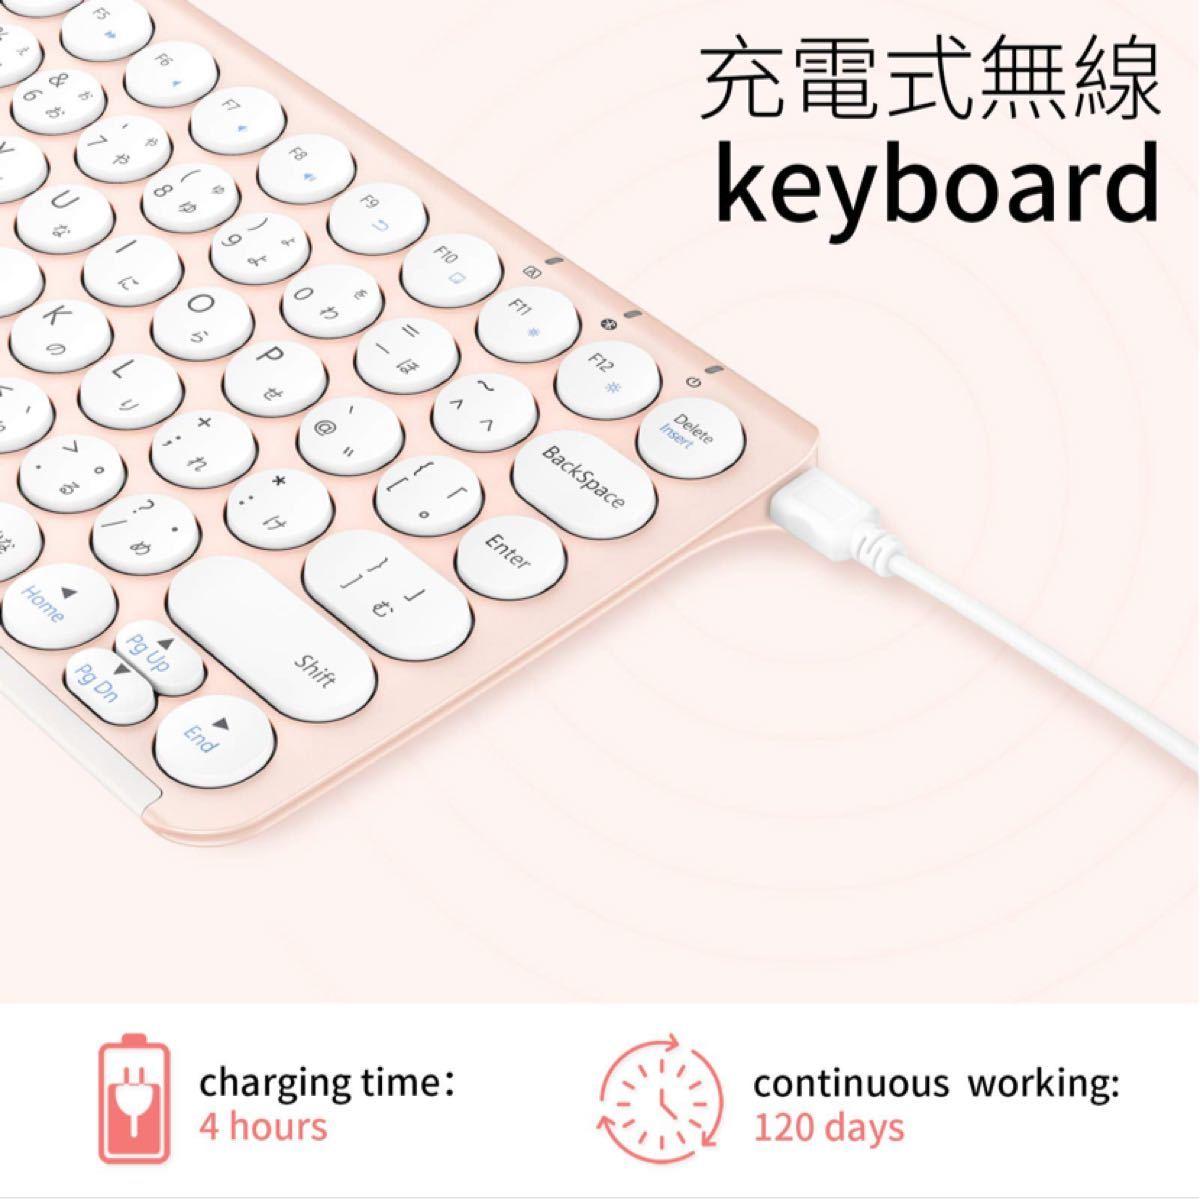 Bluetoothワイヤレス充電式キーボード、ブルートゥースキーボード 標準日本語バージョン  ワイヤレスキーボード